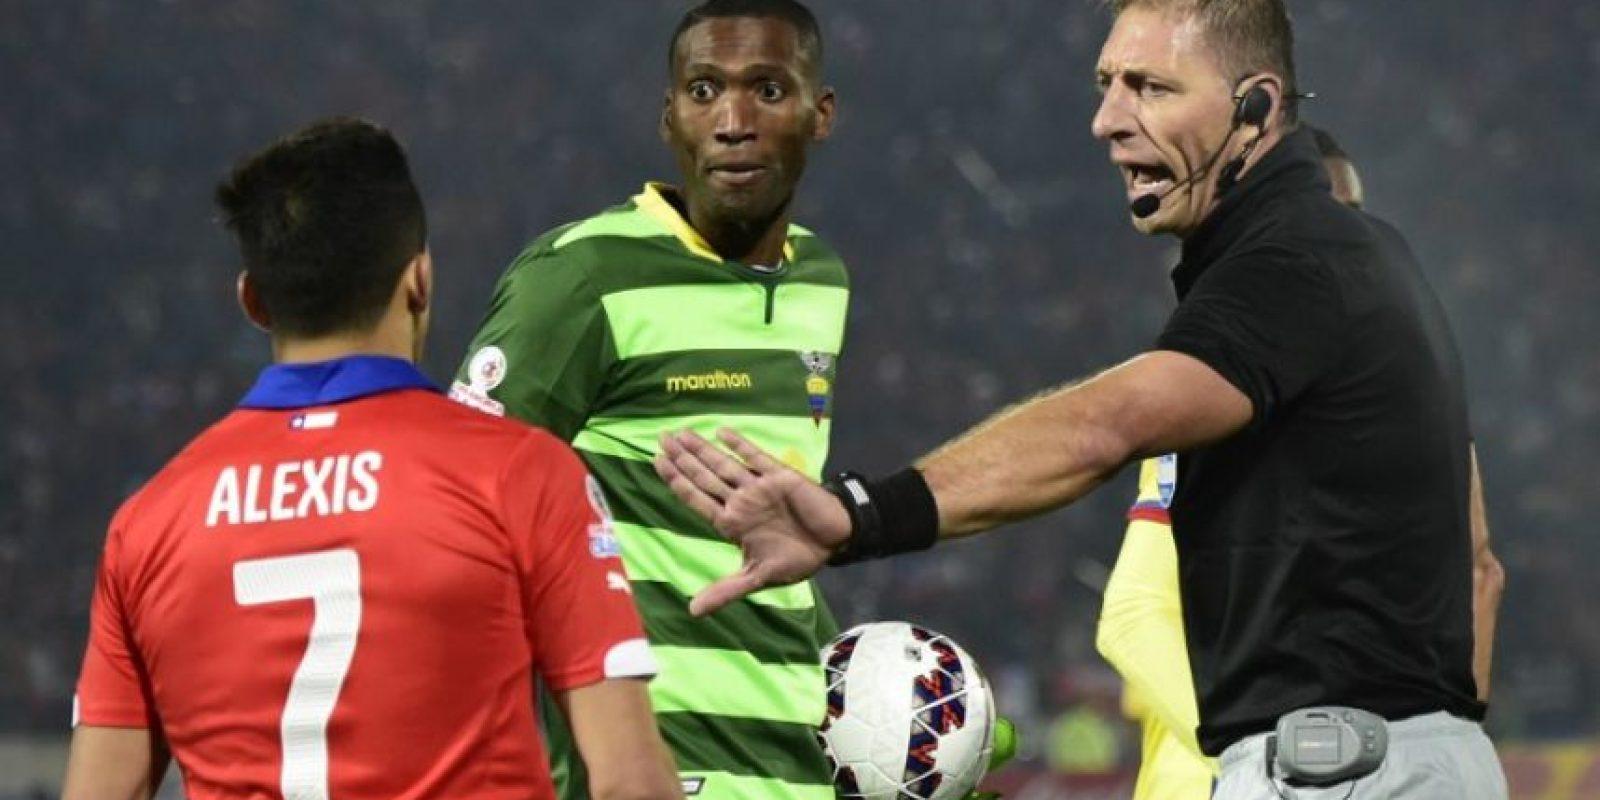 El penal ayudó a Chile a abrir el marcador y conseguir sus primeros tres puntos Foto:AFP